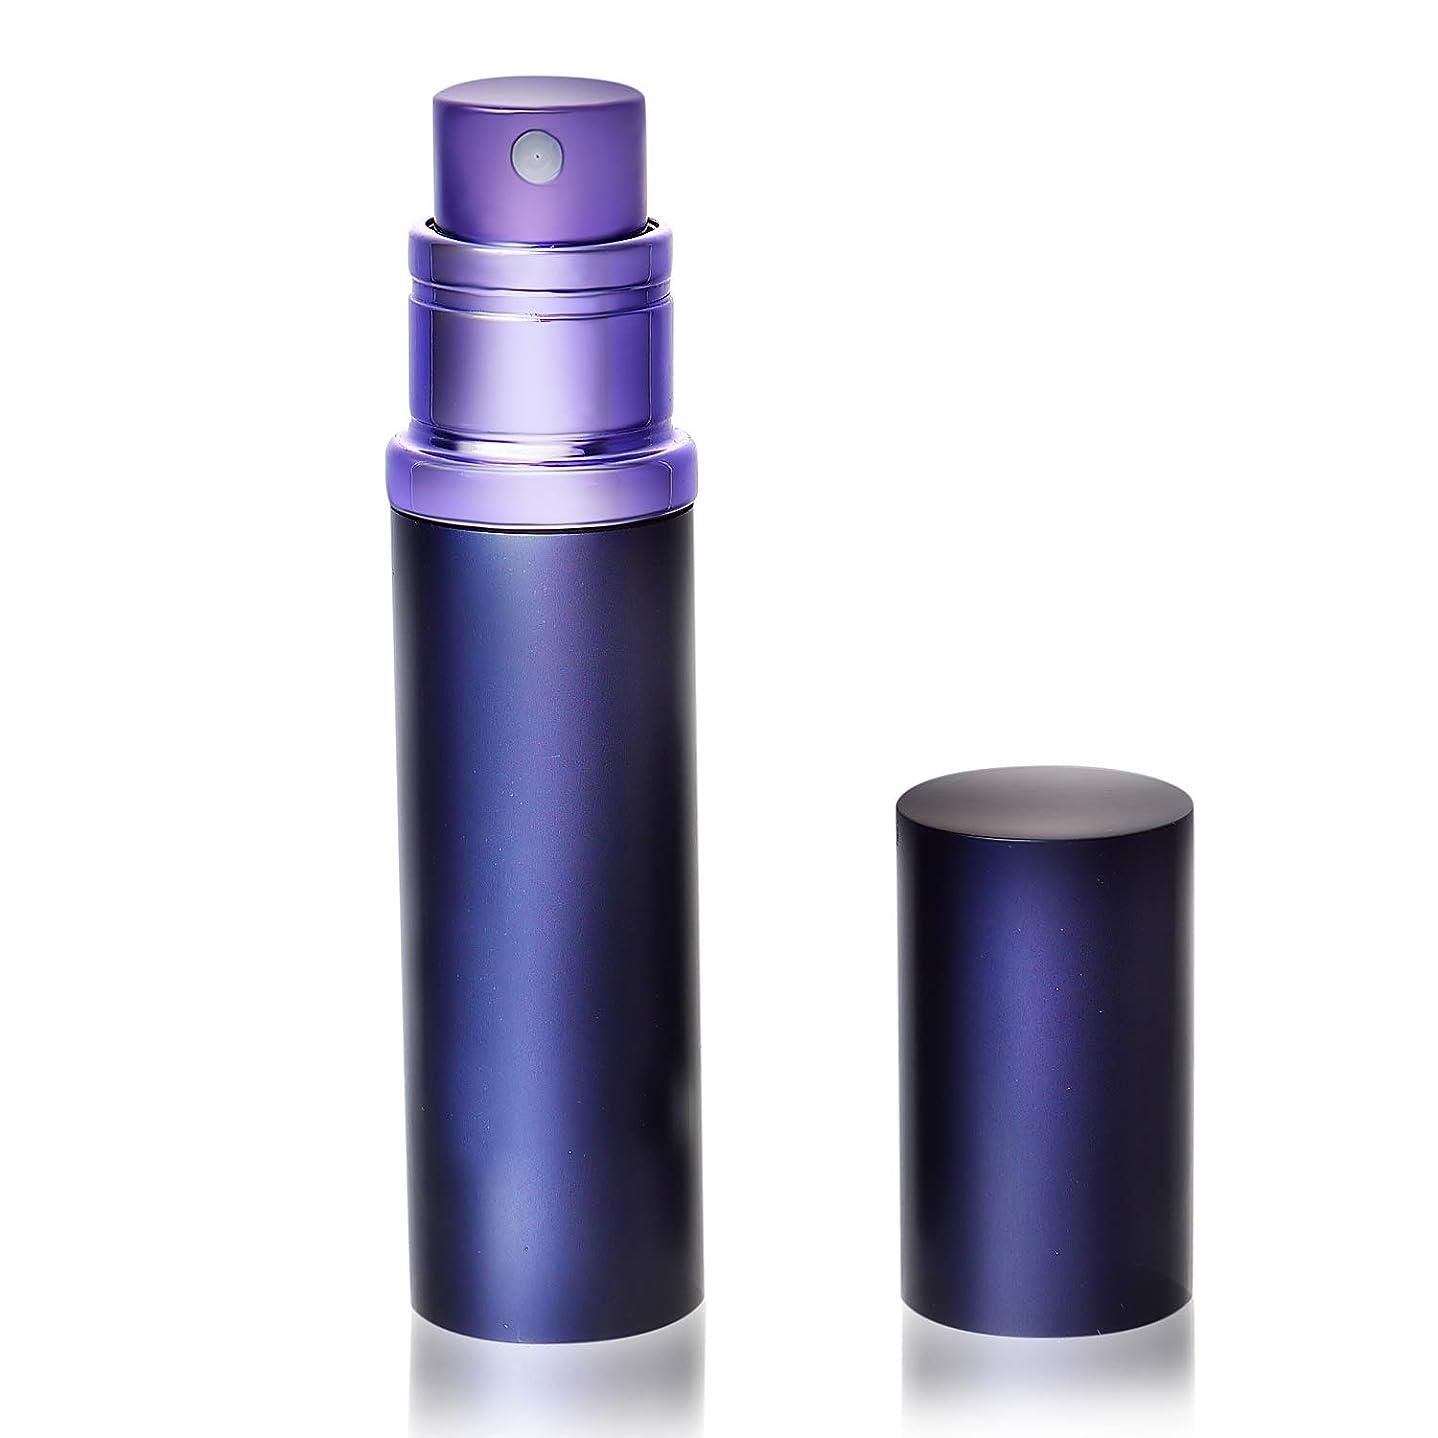 強います抜粋痛みアトマイザ- 香水 クイックアトマイザー ワンタッチ 入れ物 簡単 持ち運び 詰め替え ポータブルクイック 容器 噴霧器 ブルーパープル YOOMARO